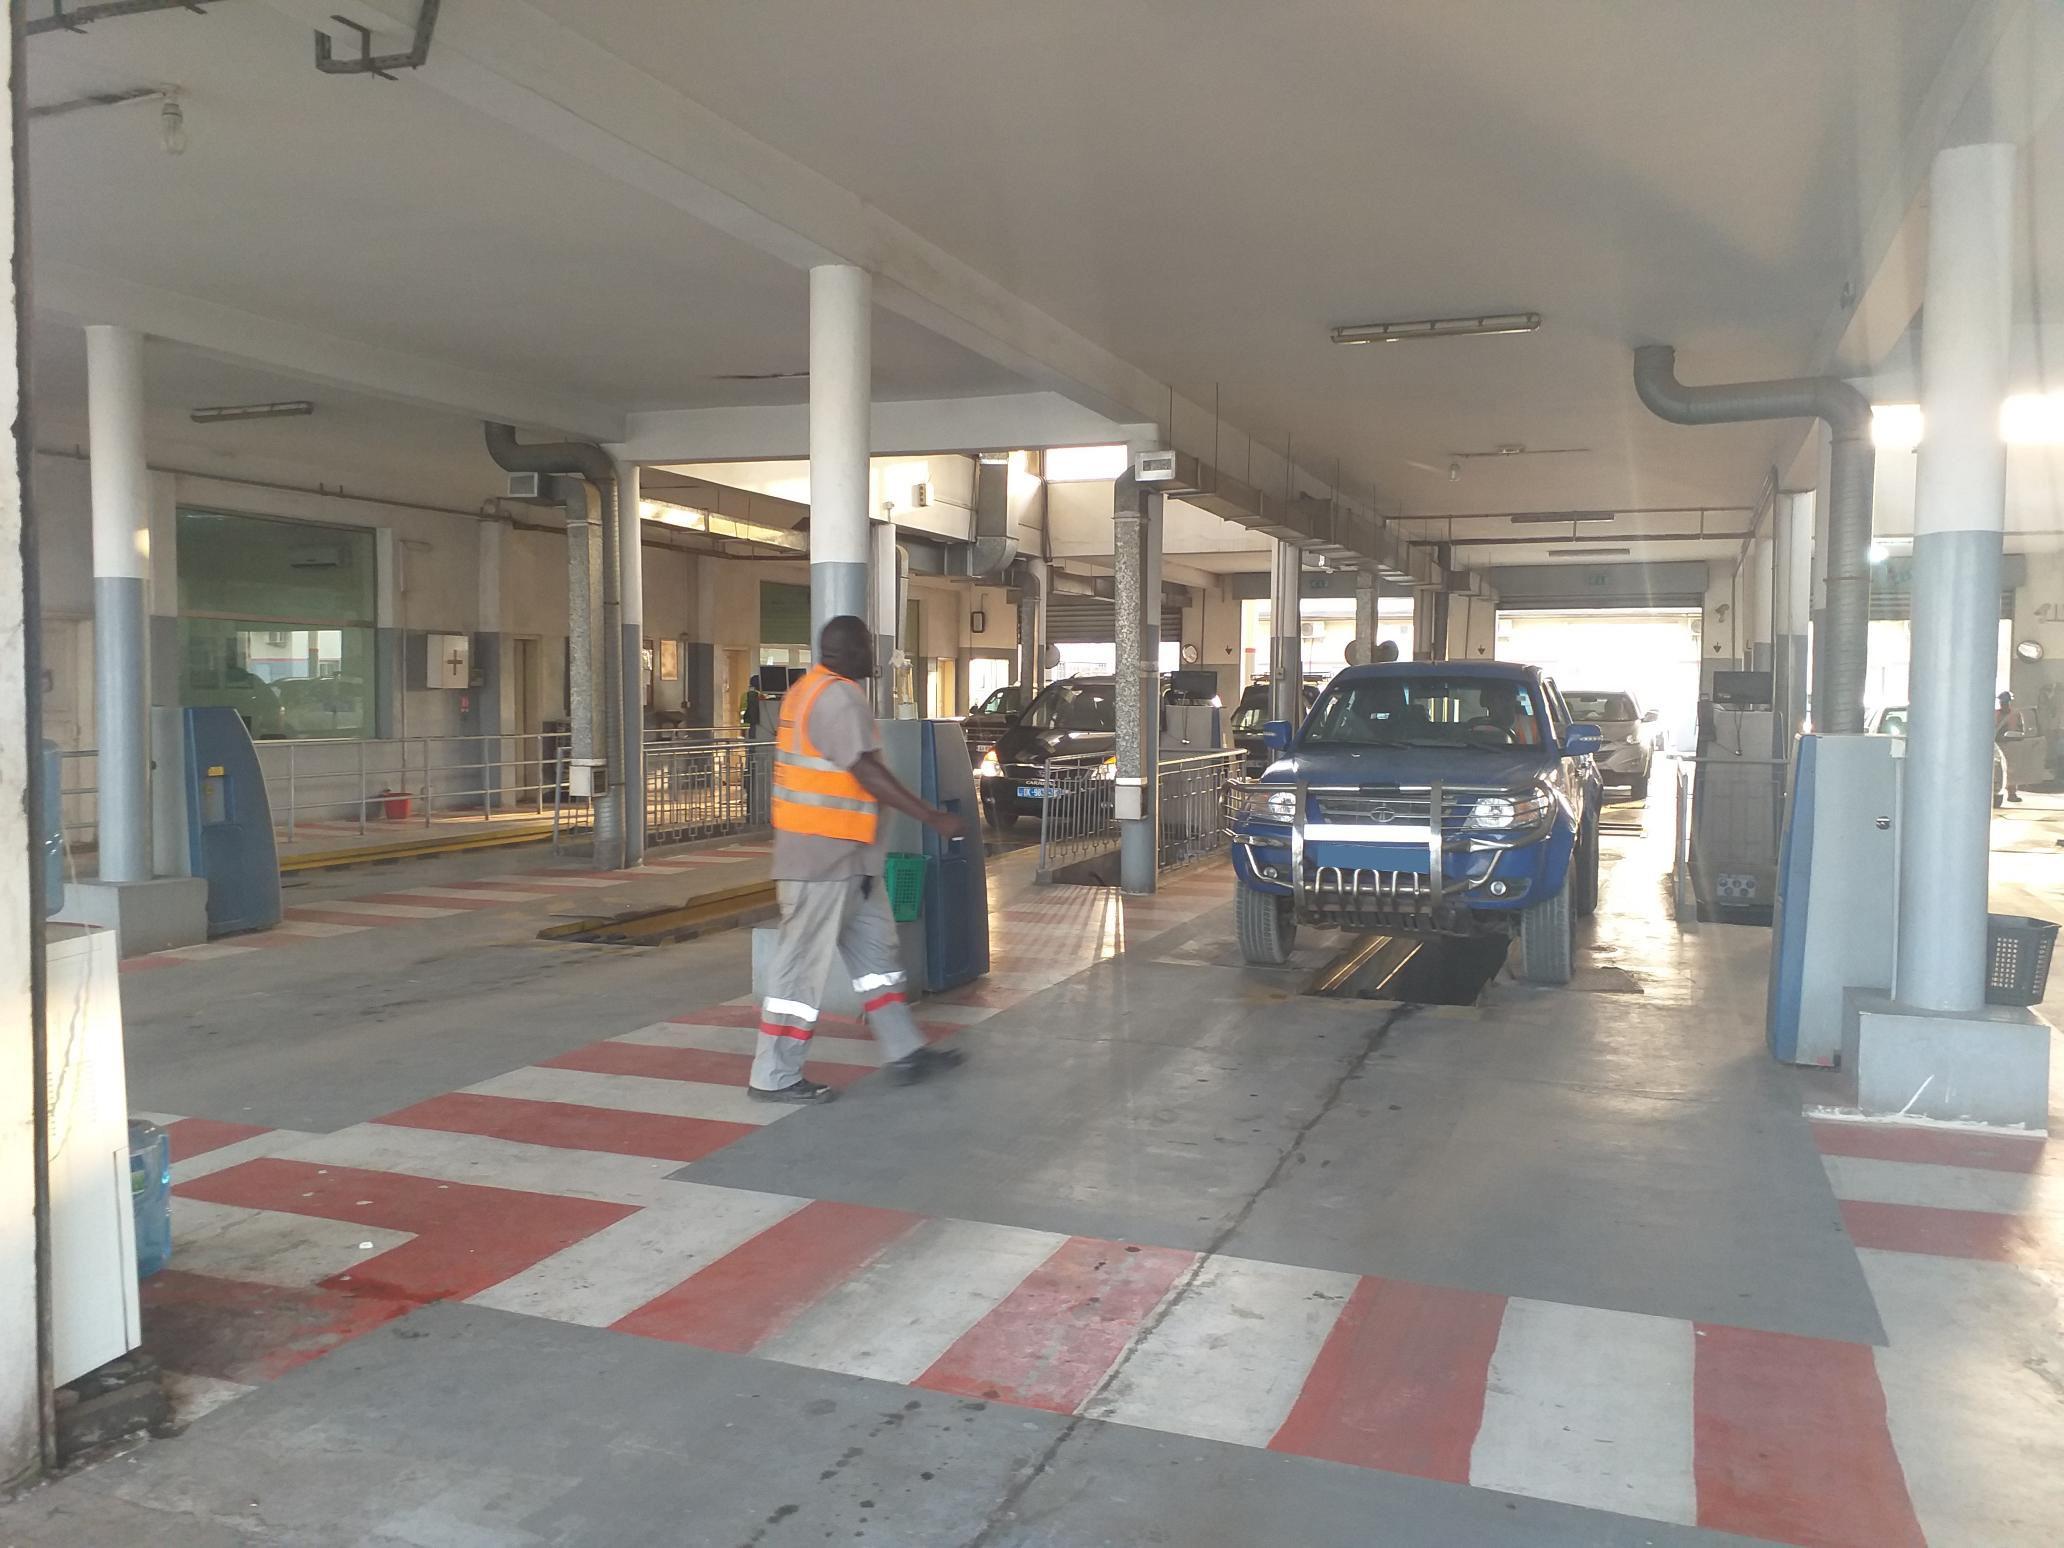 CCTVA Centre de contrôle technique des véhicules automobiles | Senegal